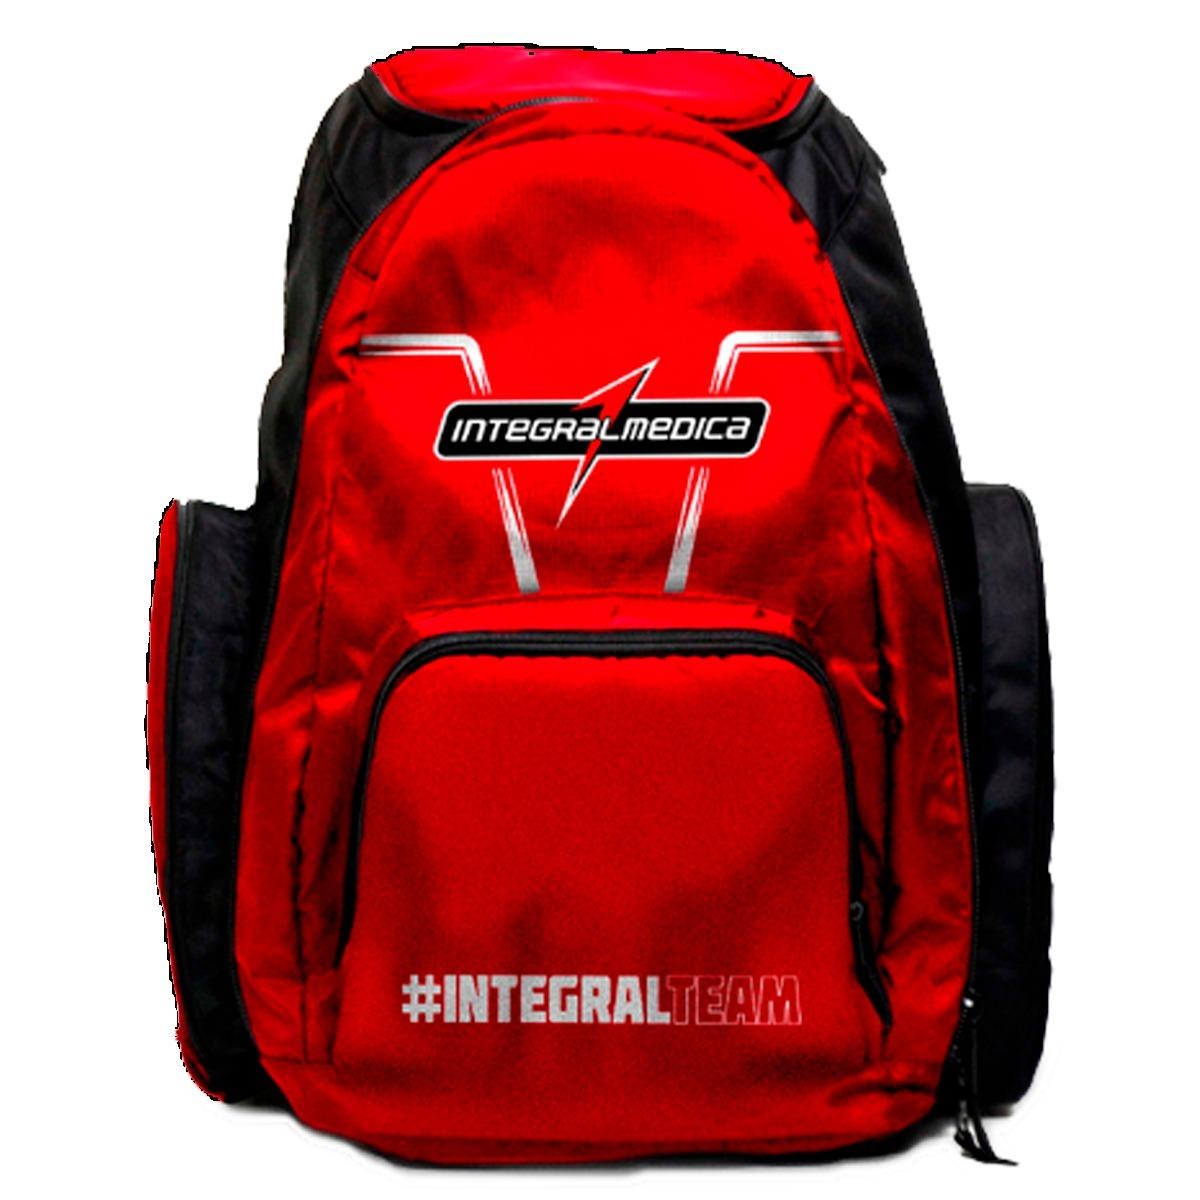 63378741d Mochila   Bolsa Integralmedicateam - Integralmedica - R  459